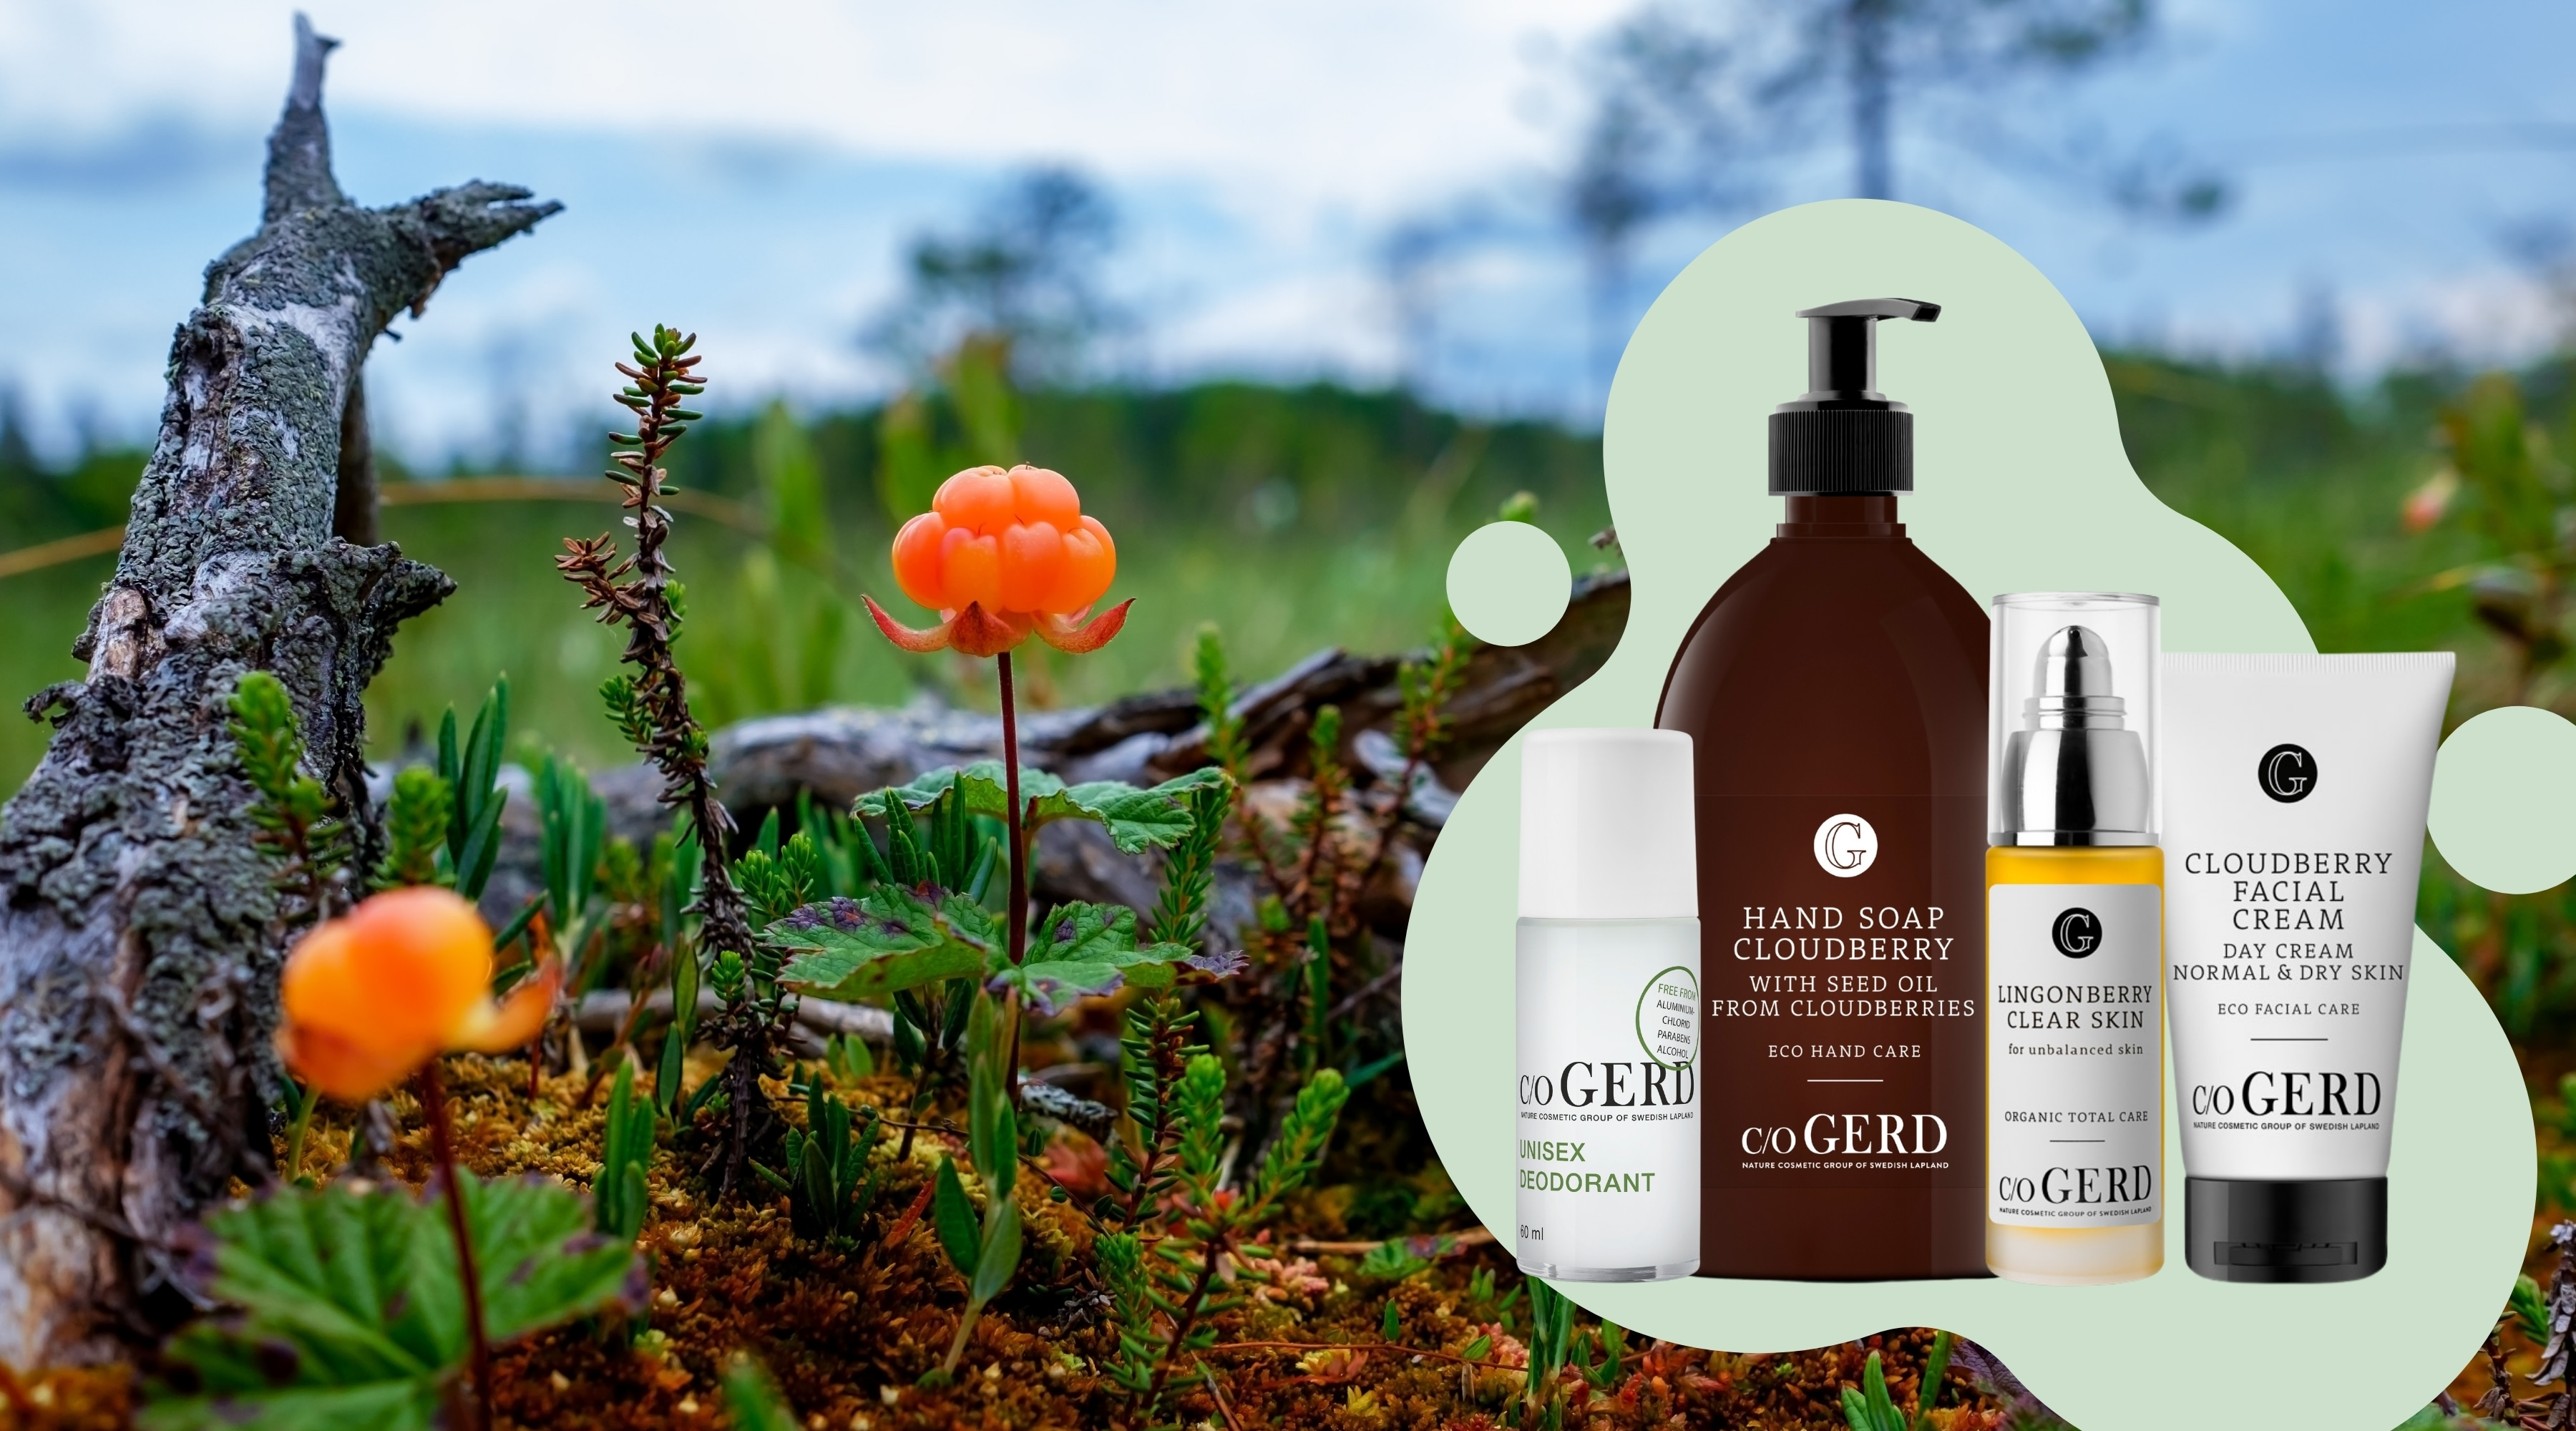 Care of Gerd – en hyllning till naturen och människan